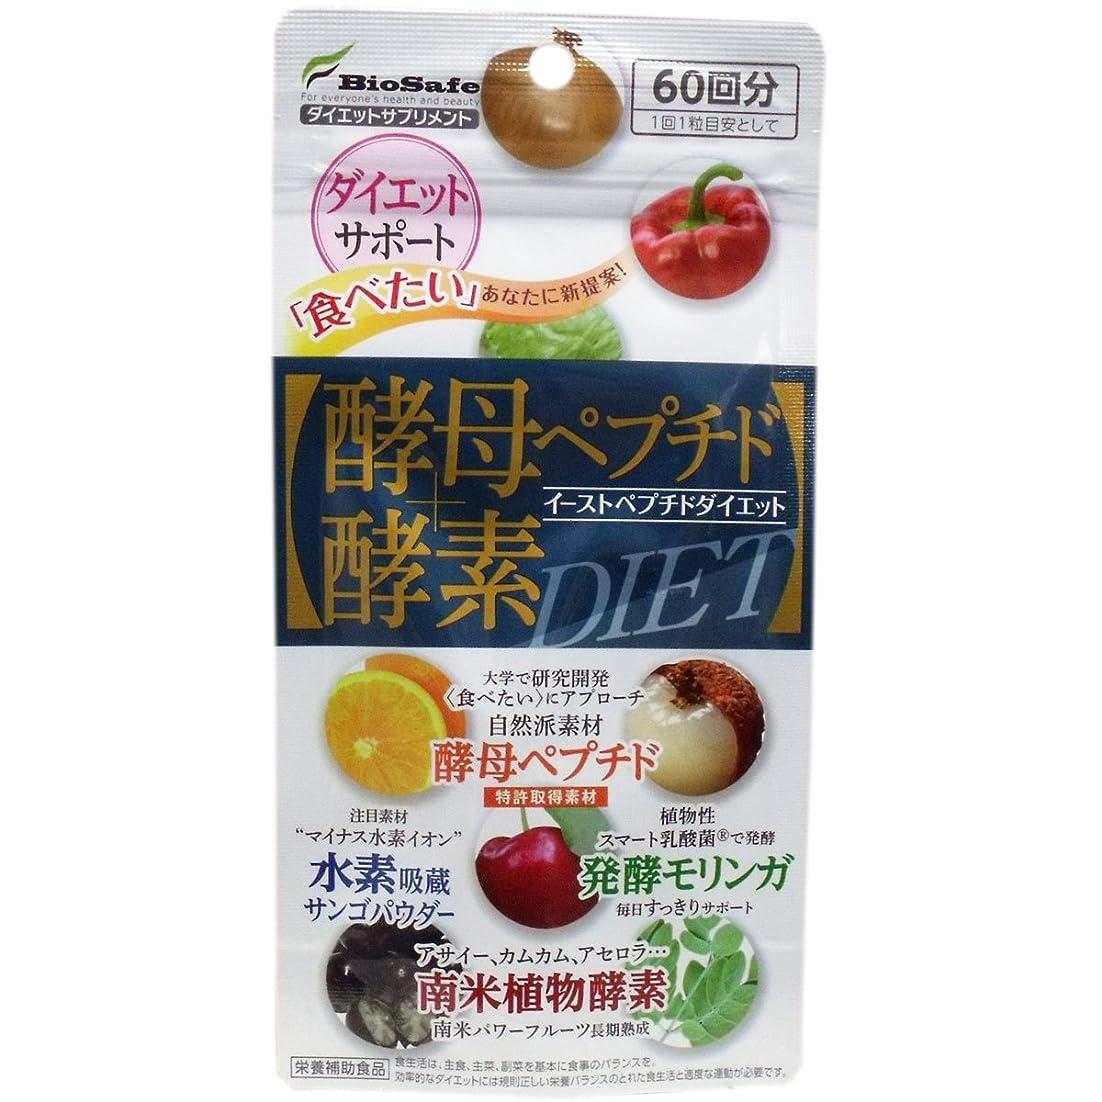 バイオセーフ 酵母ペプチド酵素ダイエット 60粒